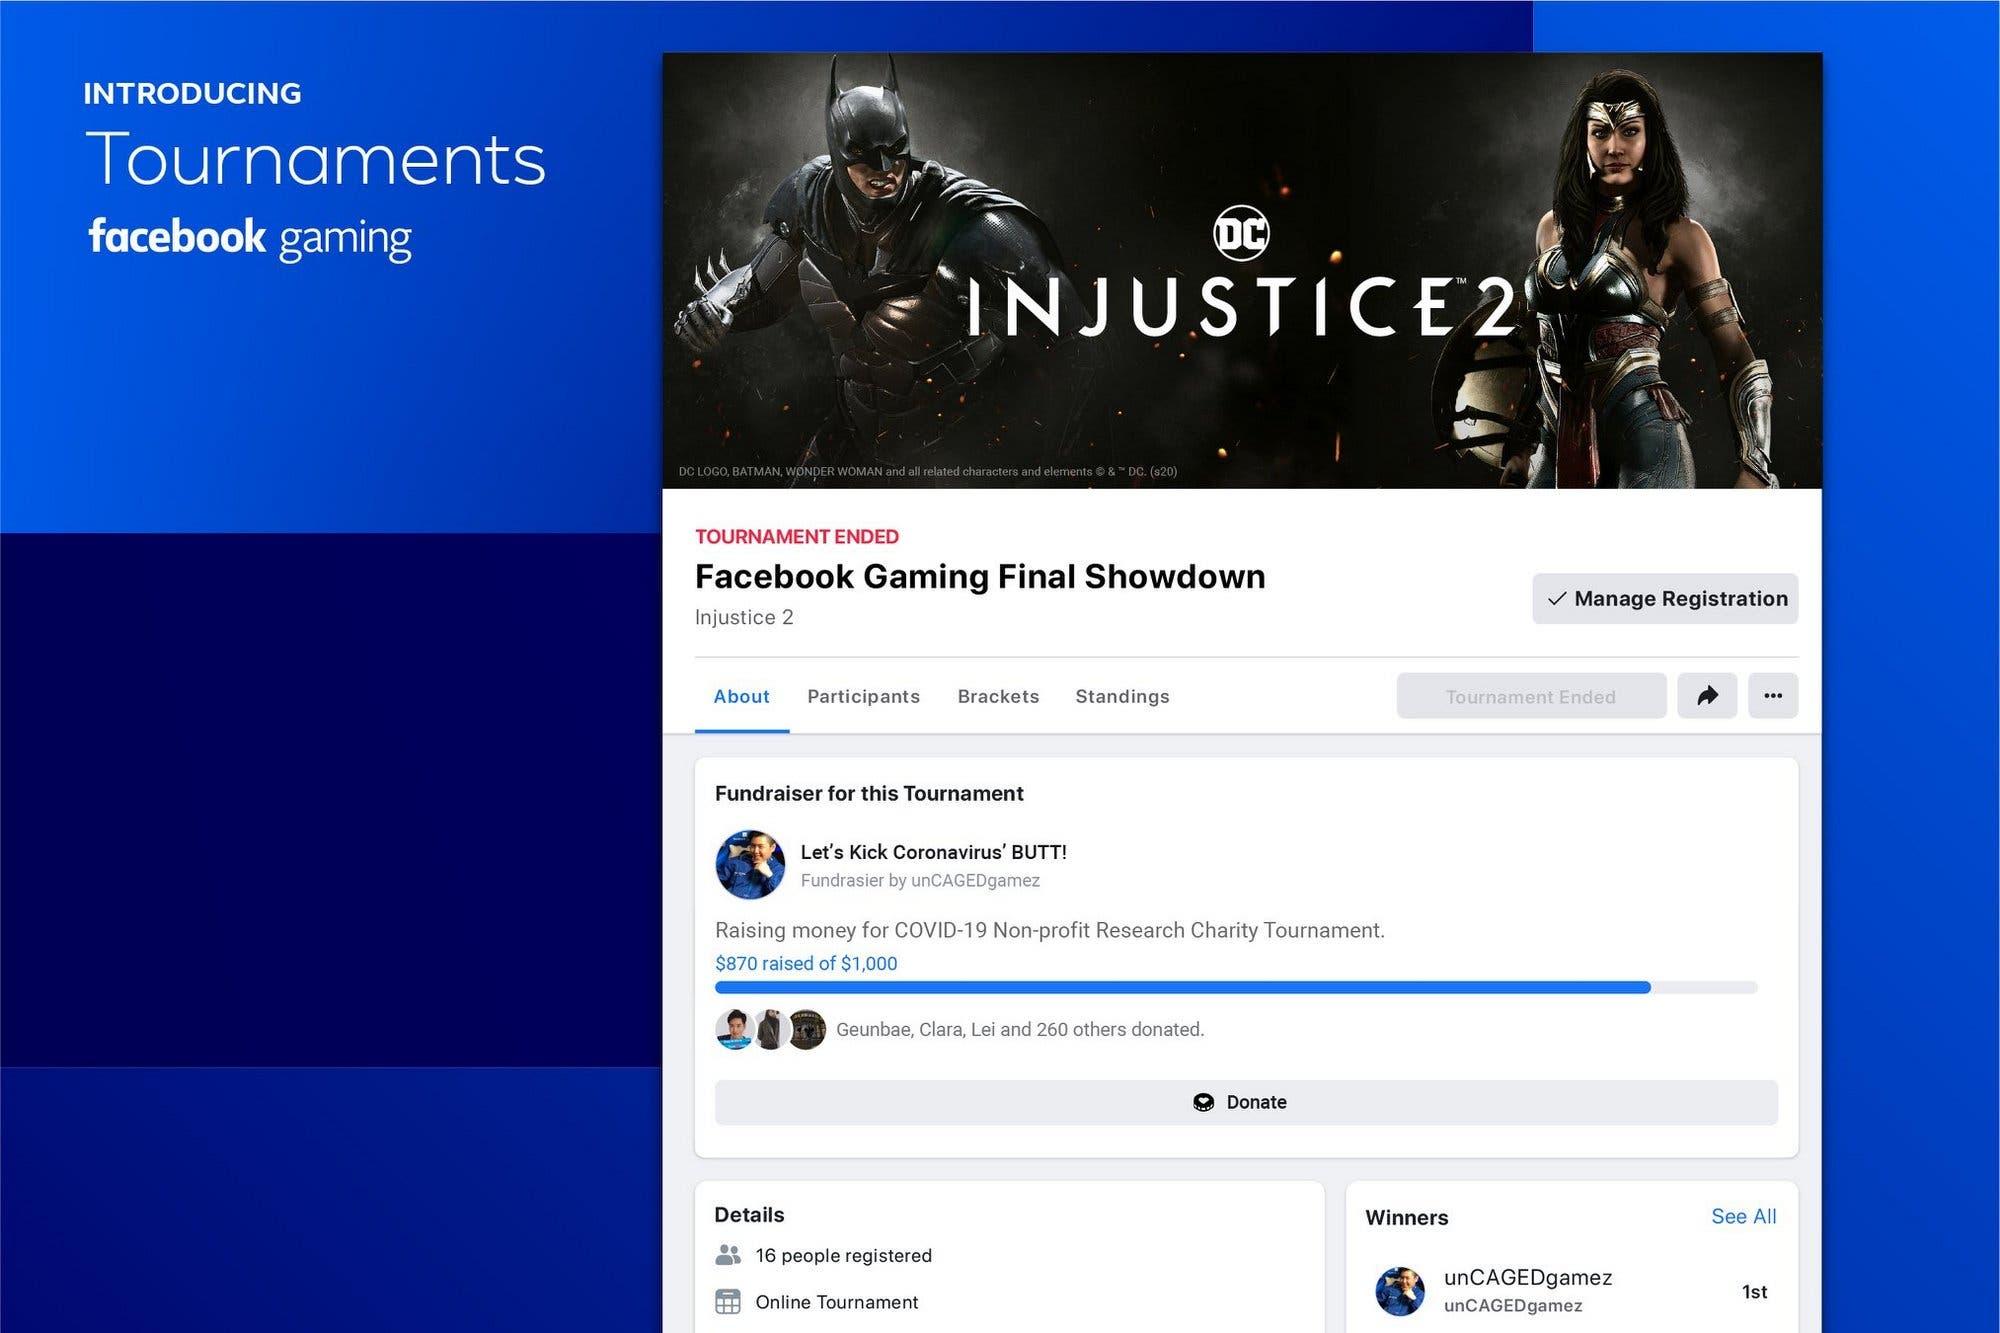 Facebook presenta Torneos, la plataforma para organizar competencias online de videojuegos